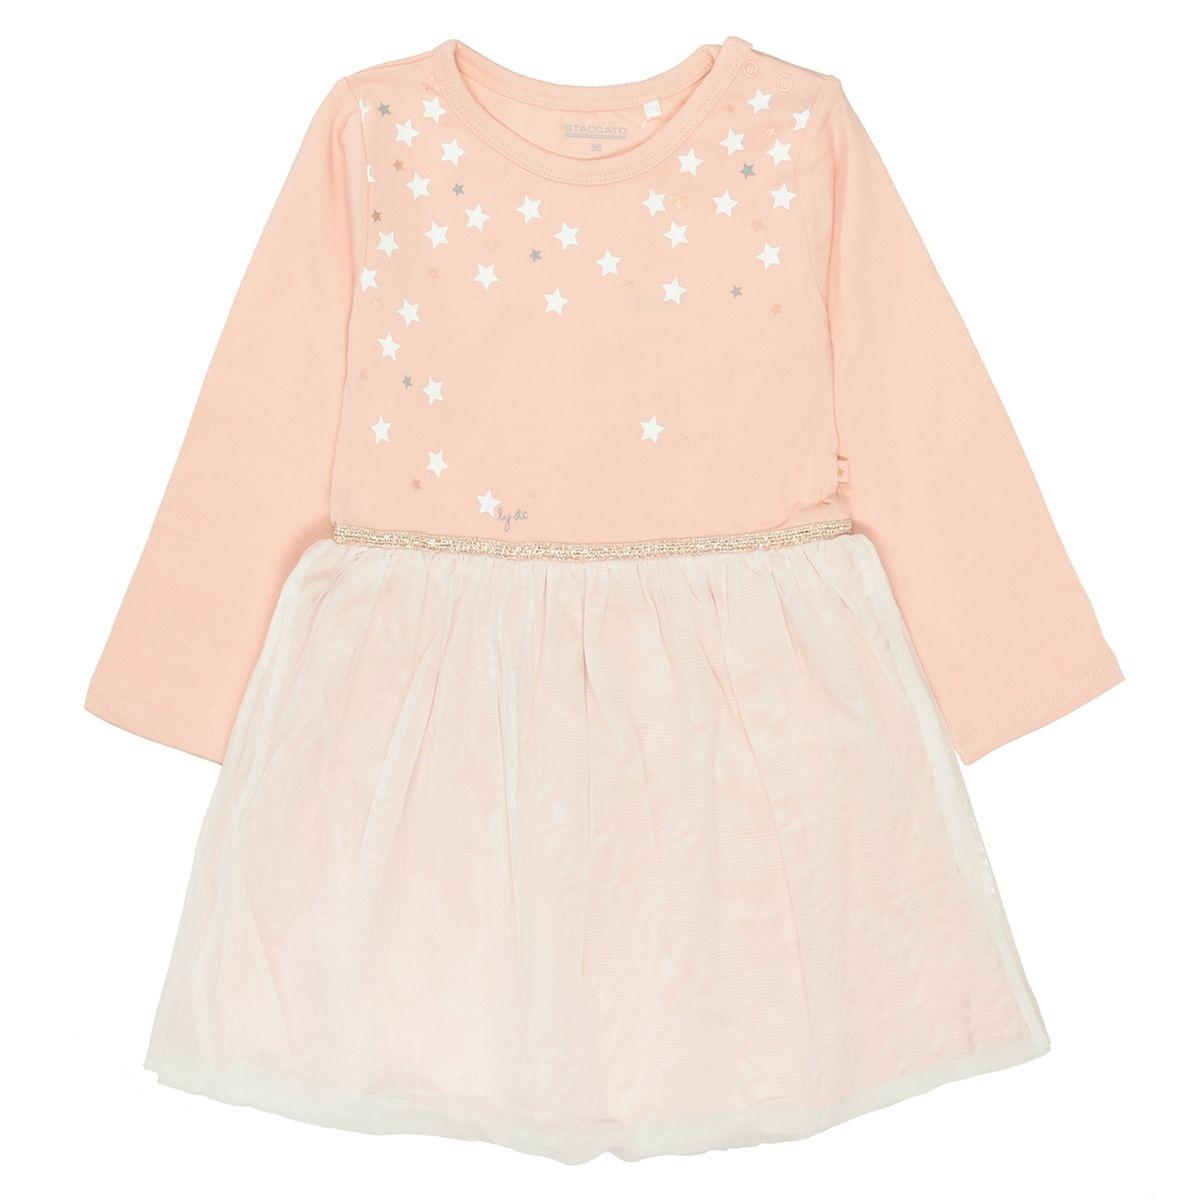 Kleid mit Sternchen - Pastel Blush